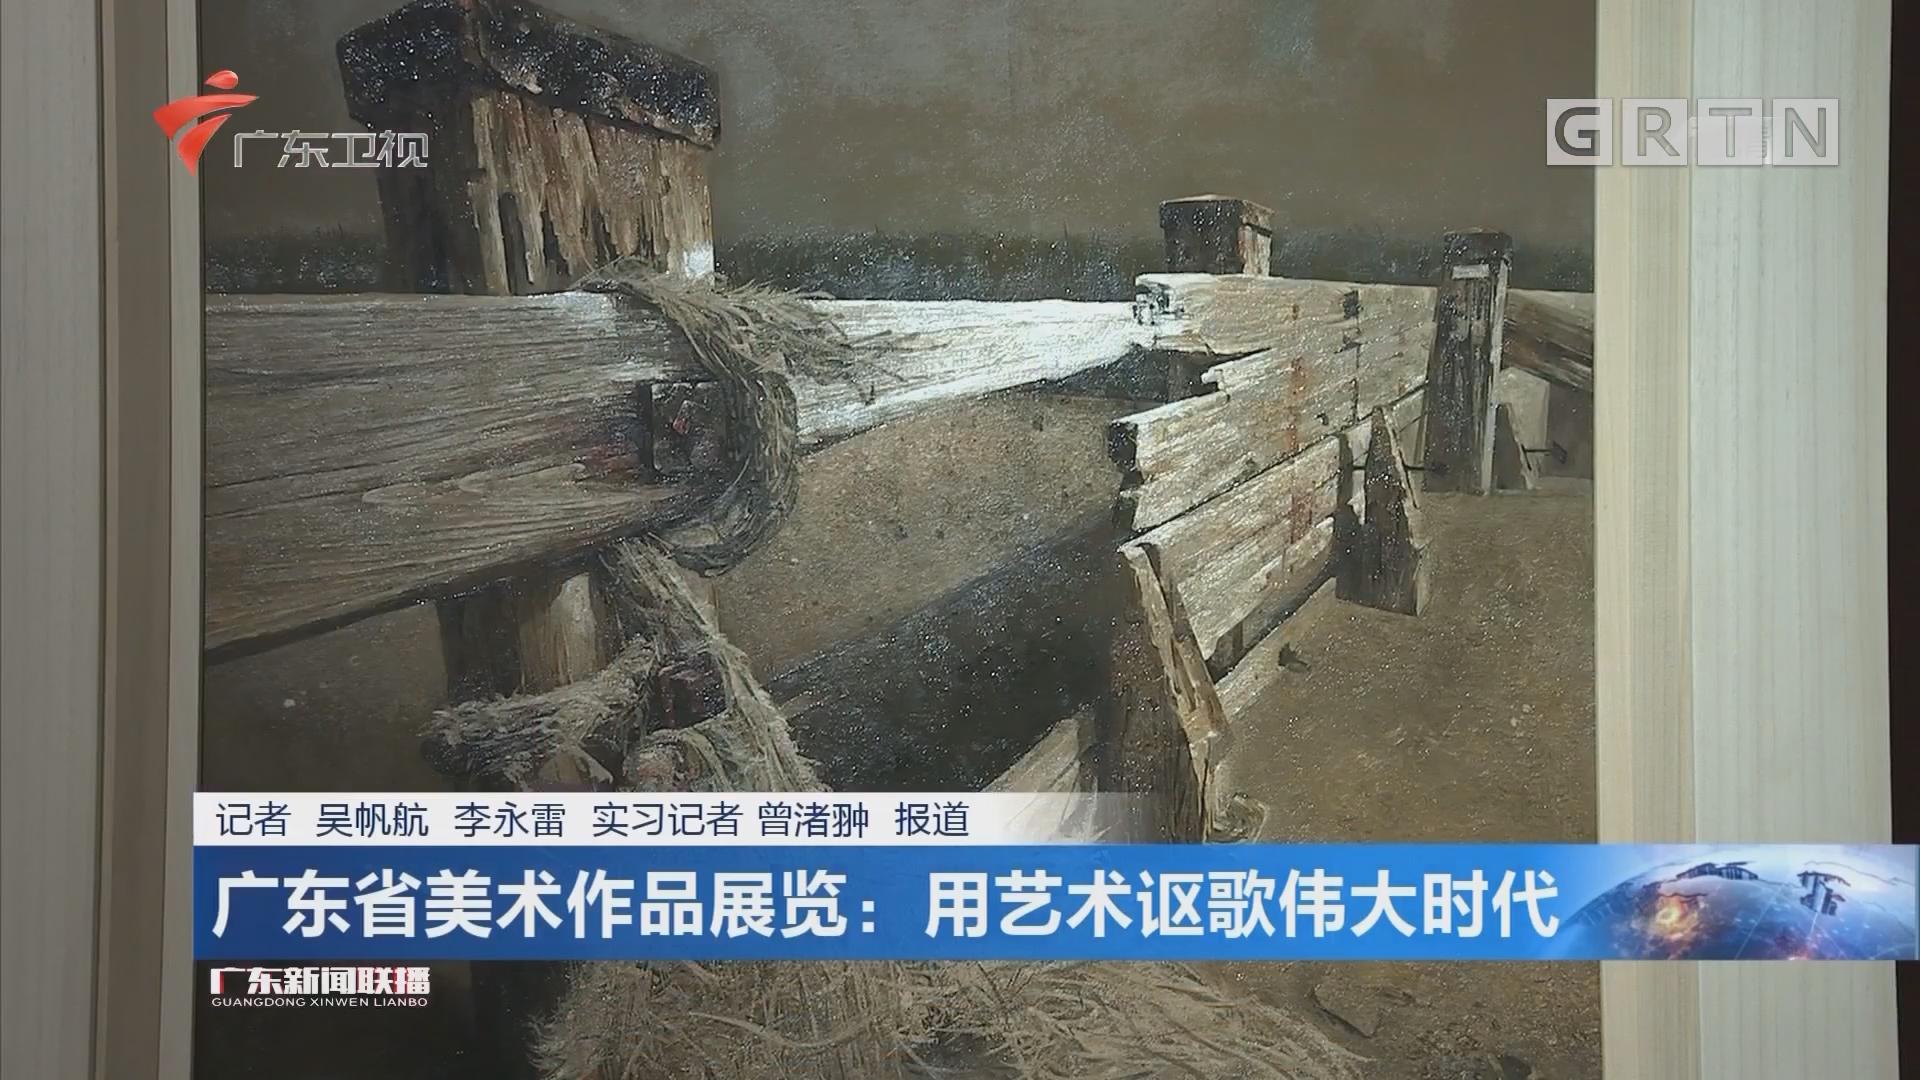 廣東省美術作品展覽:用藝術謳歌偉大時代